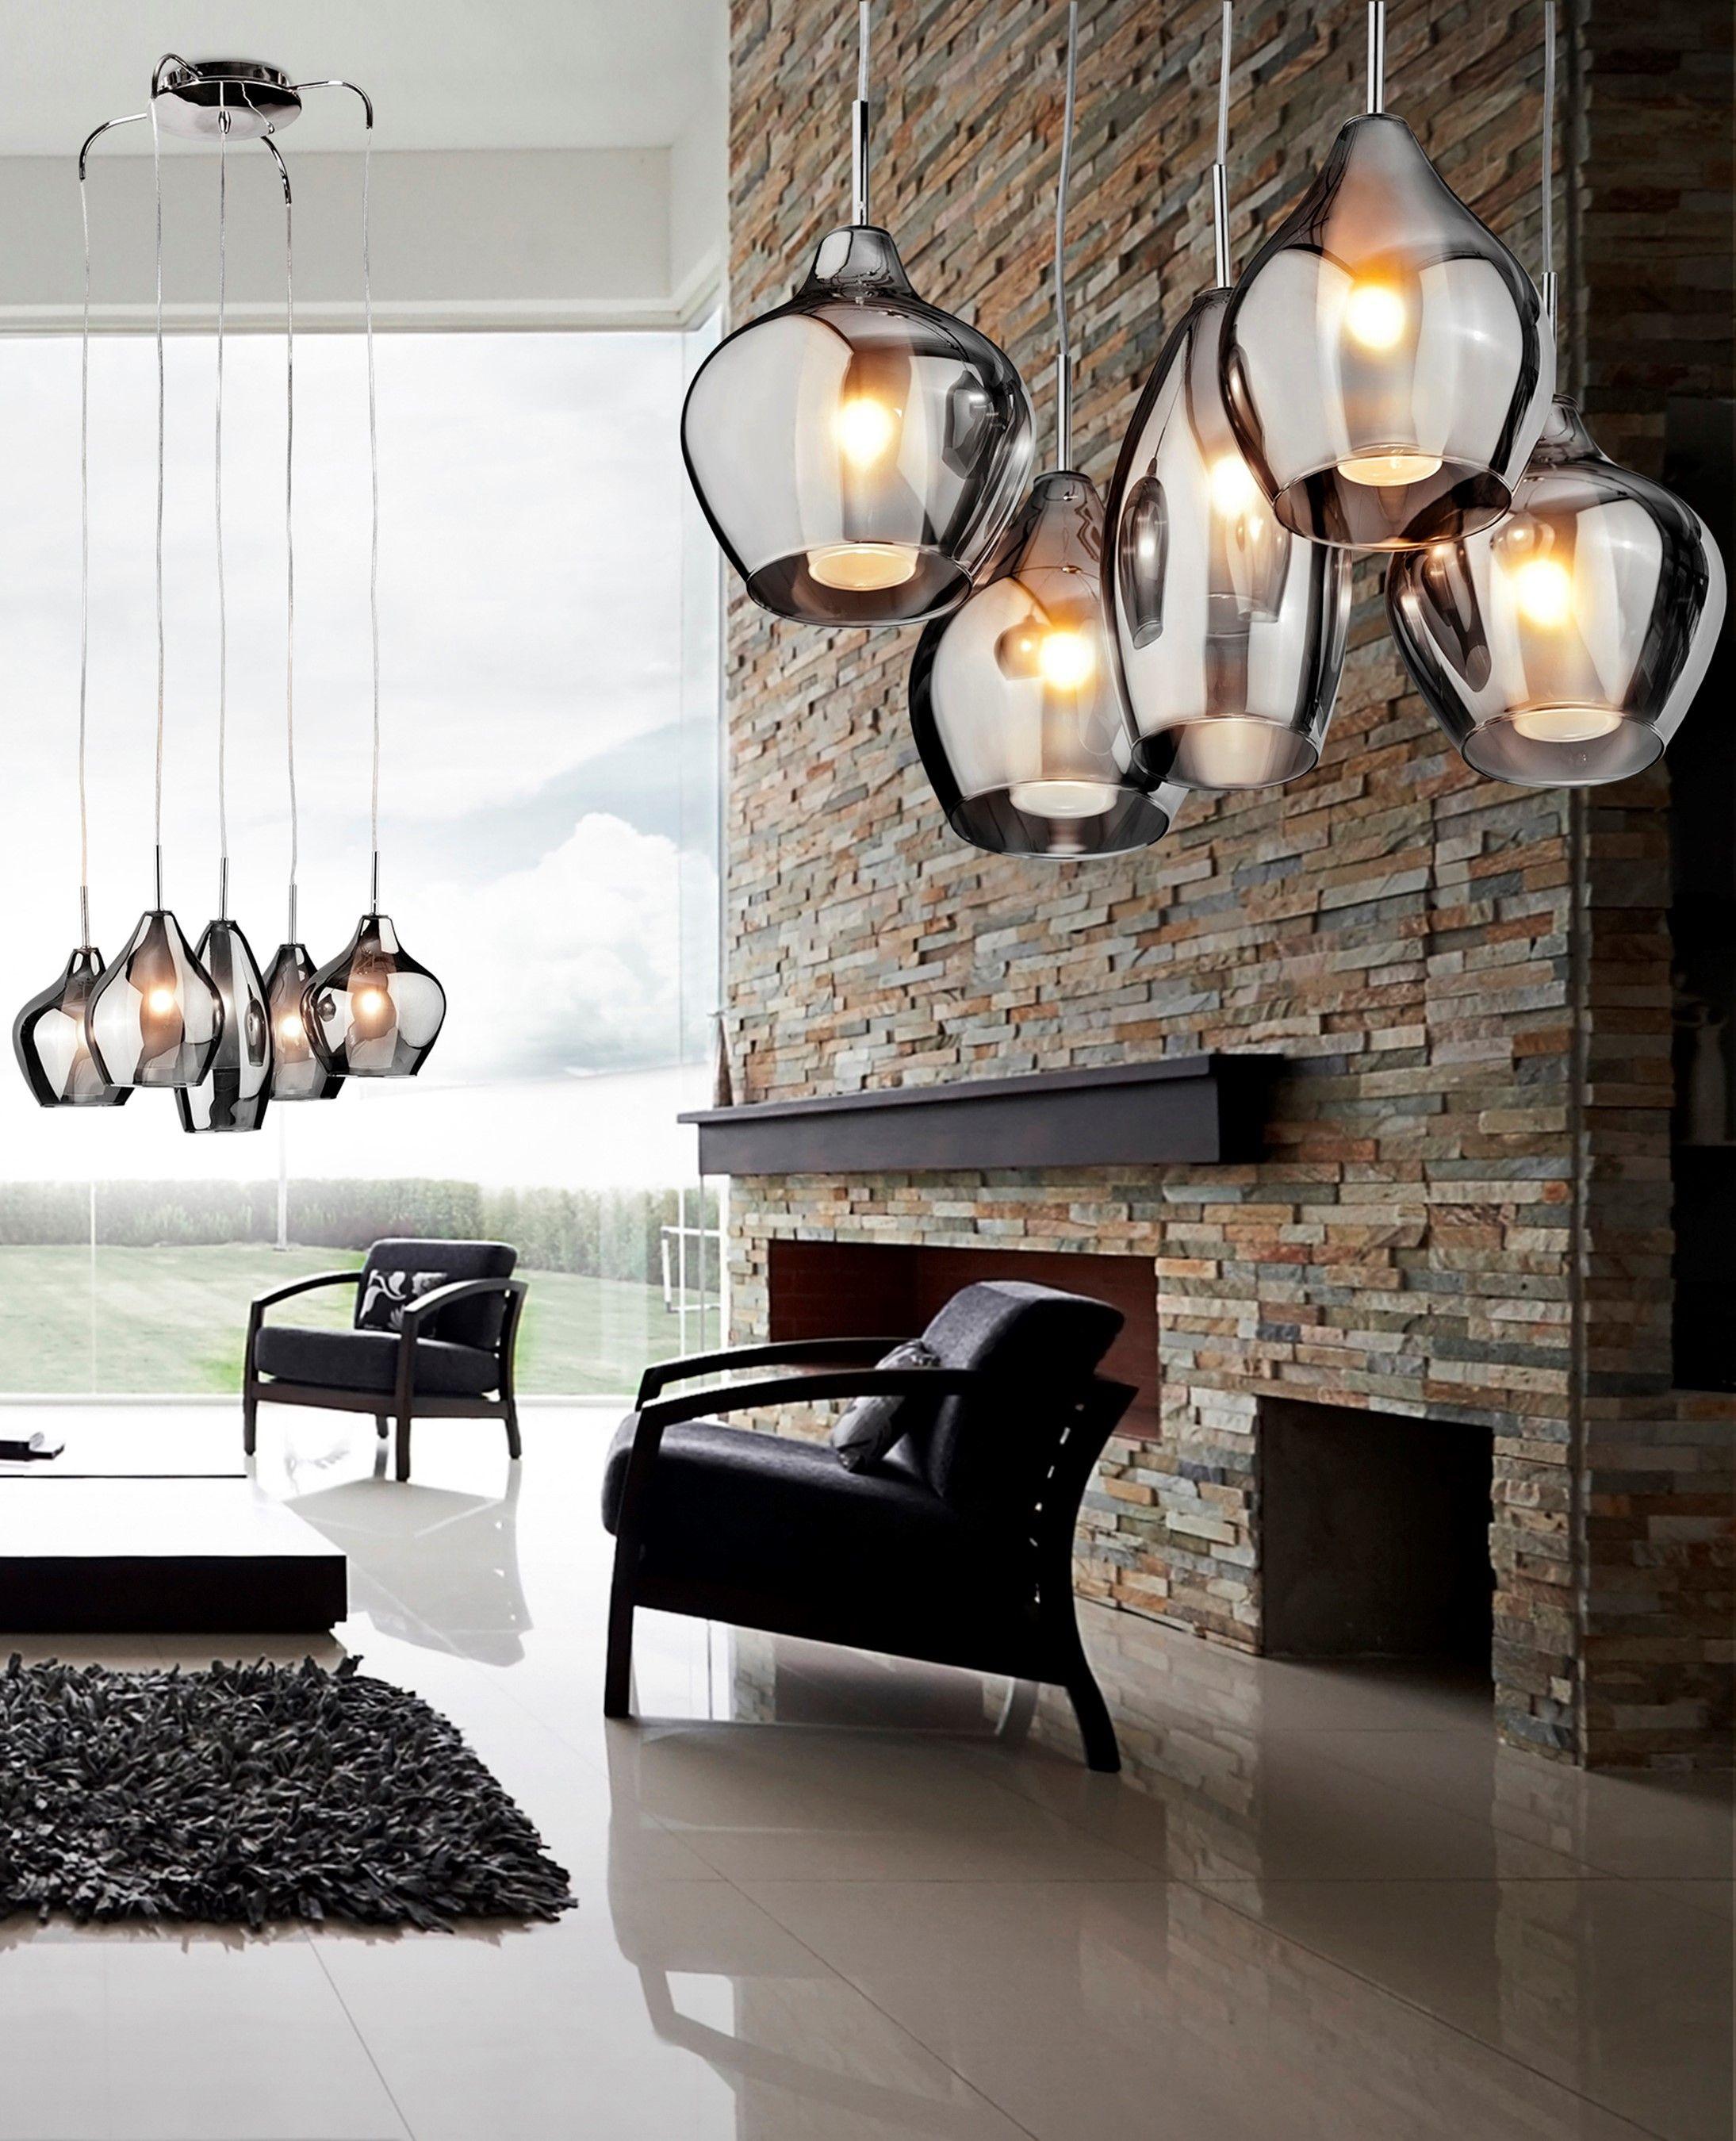 Moderne Glas Lampe | Lampen wohnzimmer, Hängeleuchte